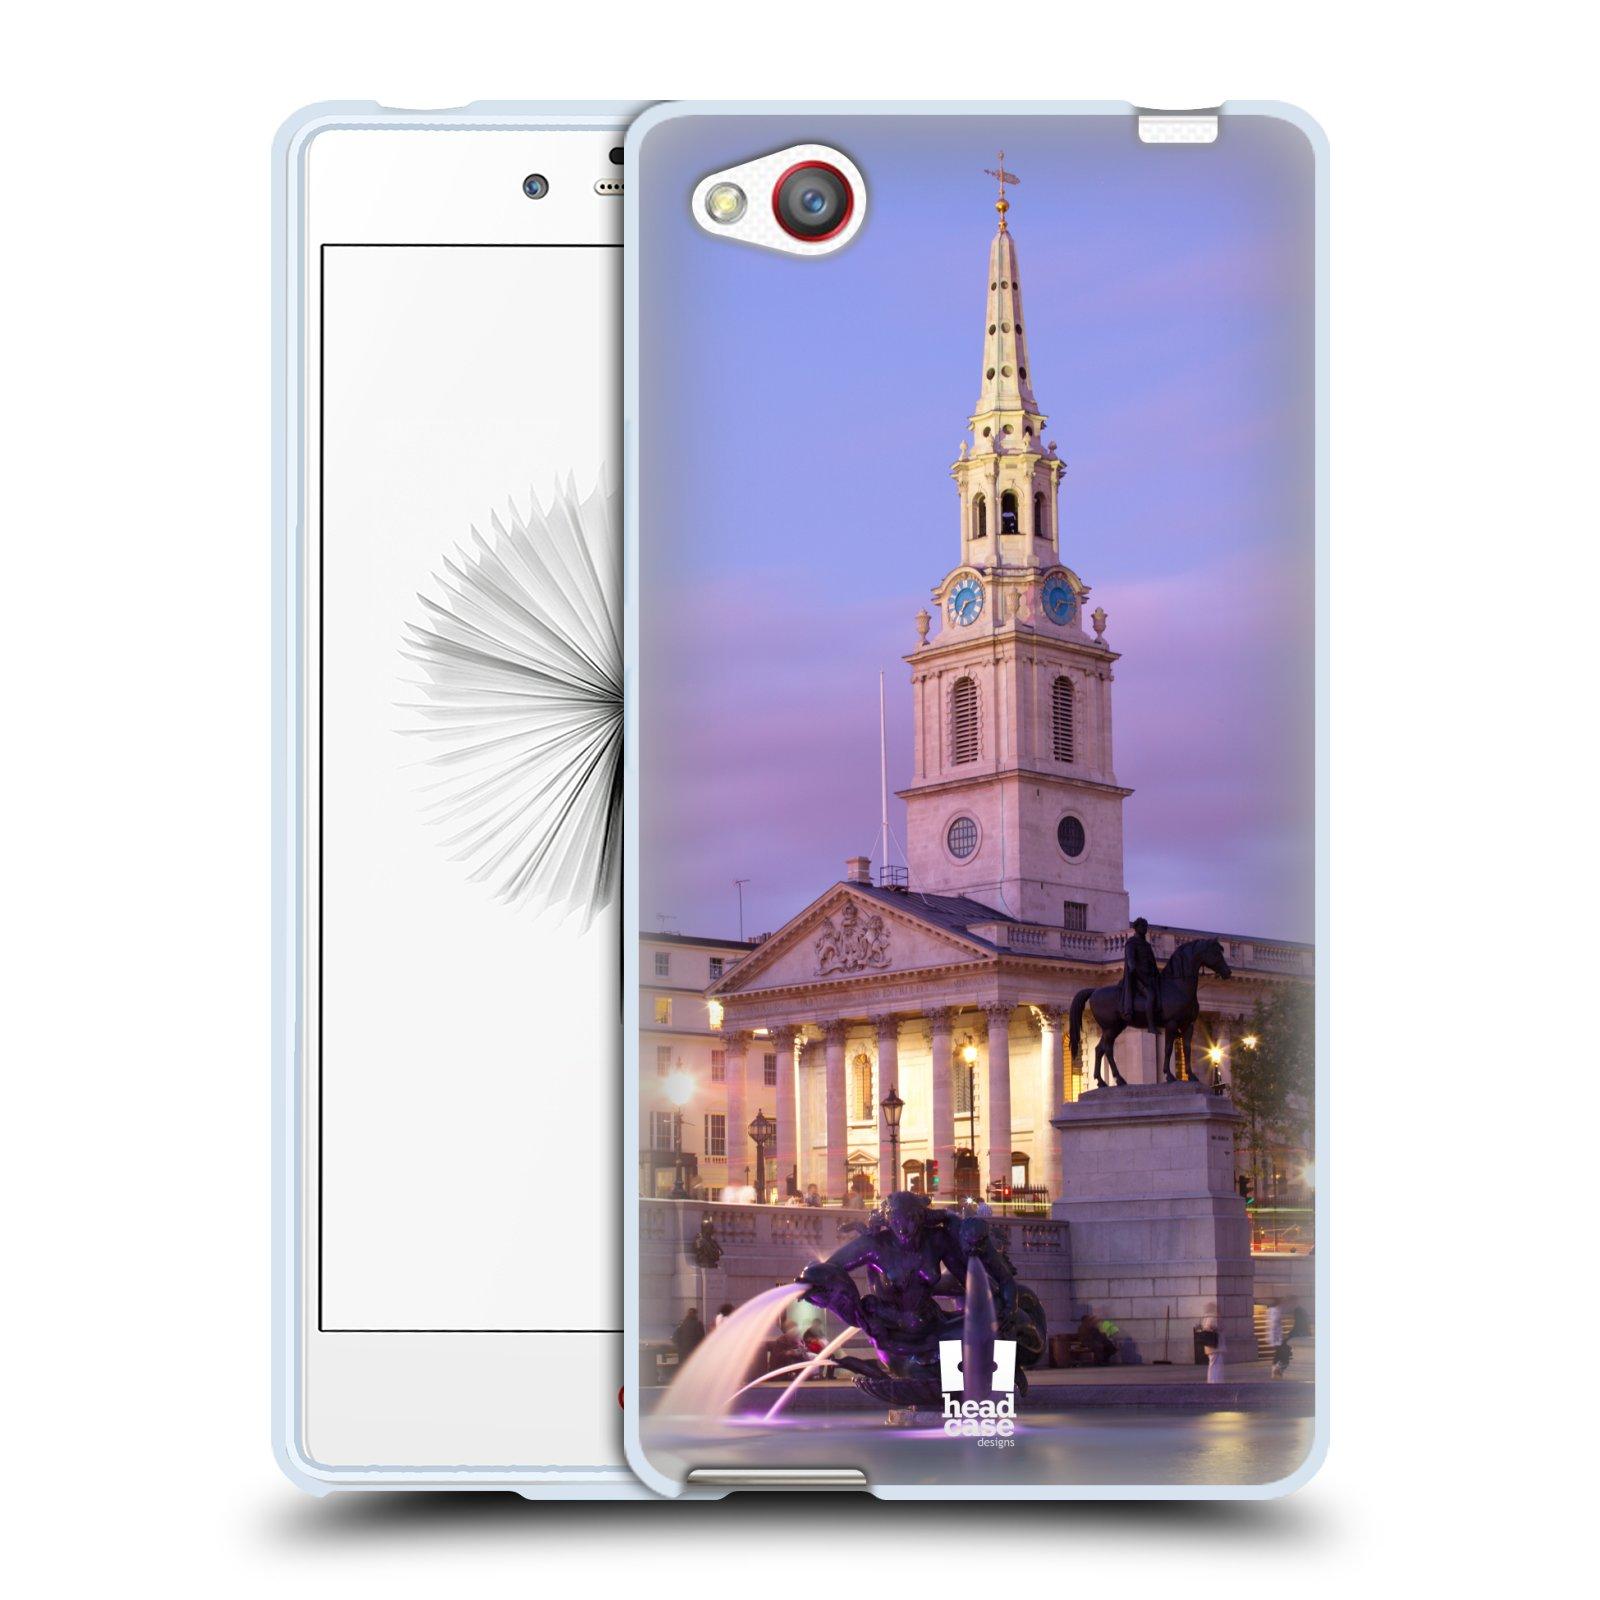 HEAD CASE silikonový obal na mobil ZTE NUBIA Z9 MINI vzor Města foto náměstí ANGLIE, LONDÝN, TRAFALGAR VĚŽ HODINY